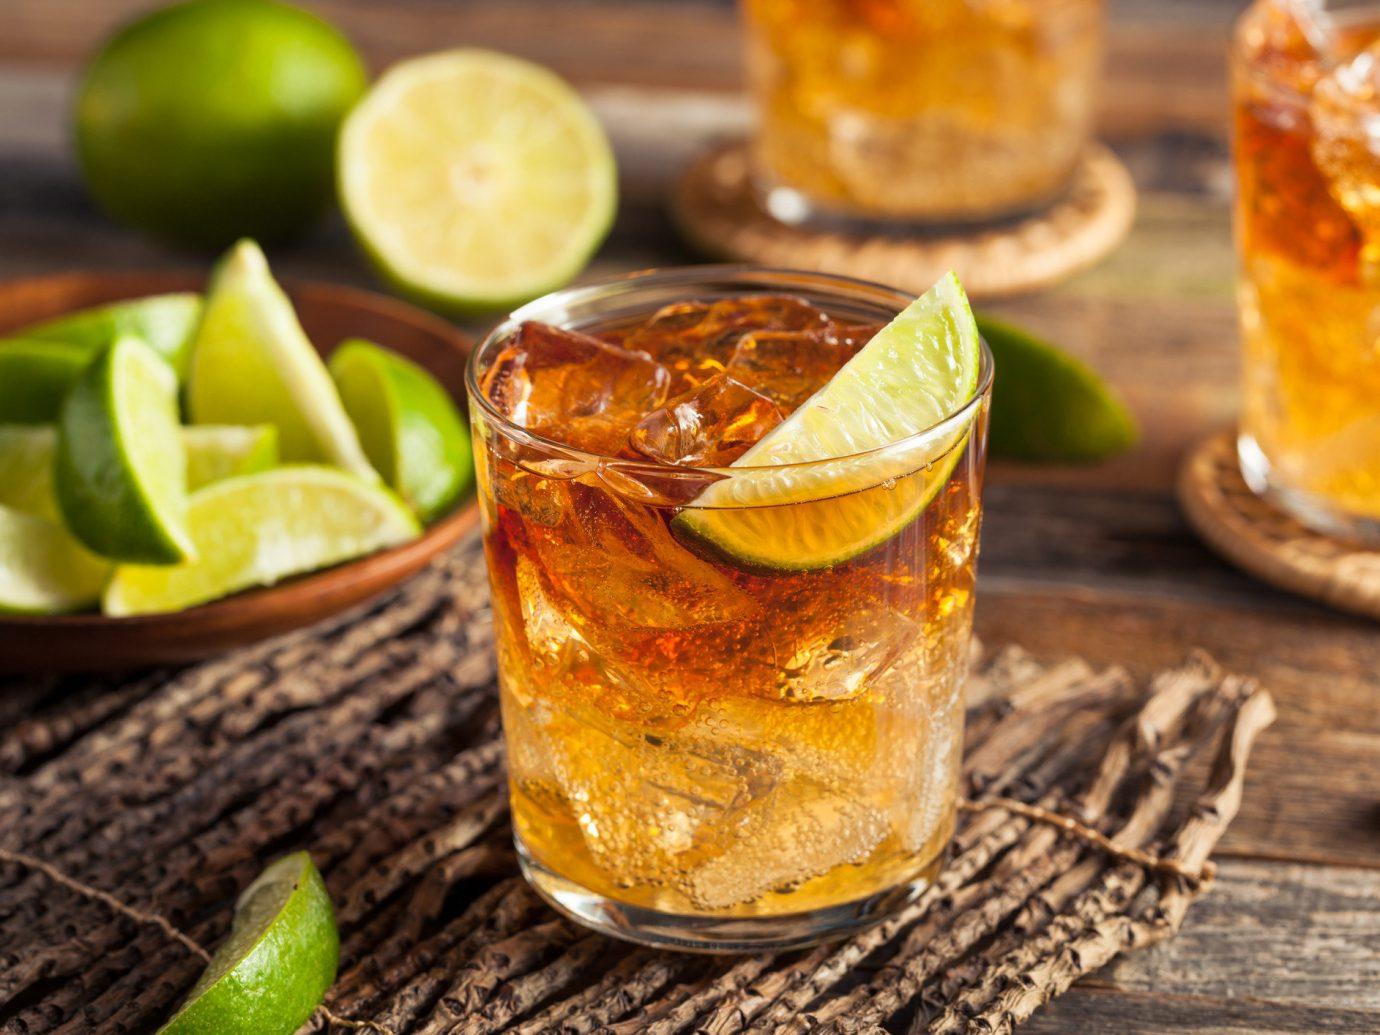 Trip Ideas food citrus produce Drink land plant cocktail slice dish fruit lime distilled beverage flowering plant sliced vegetable fresh